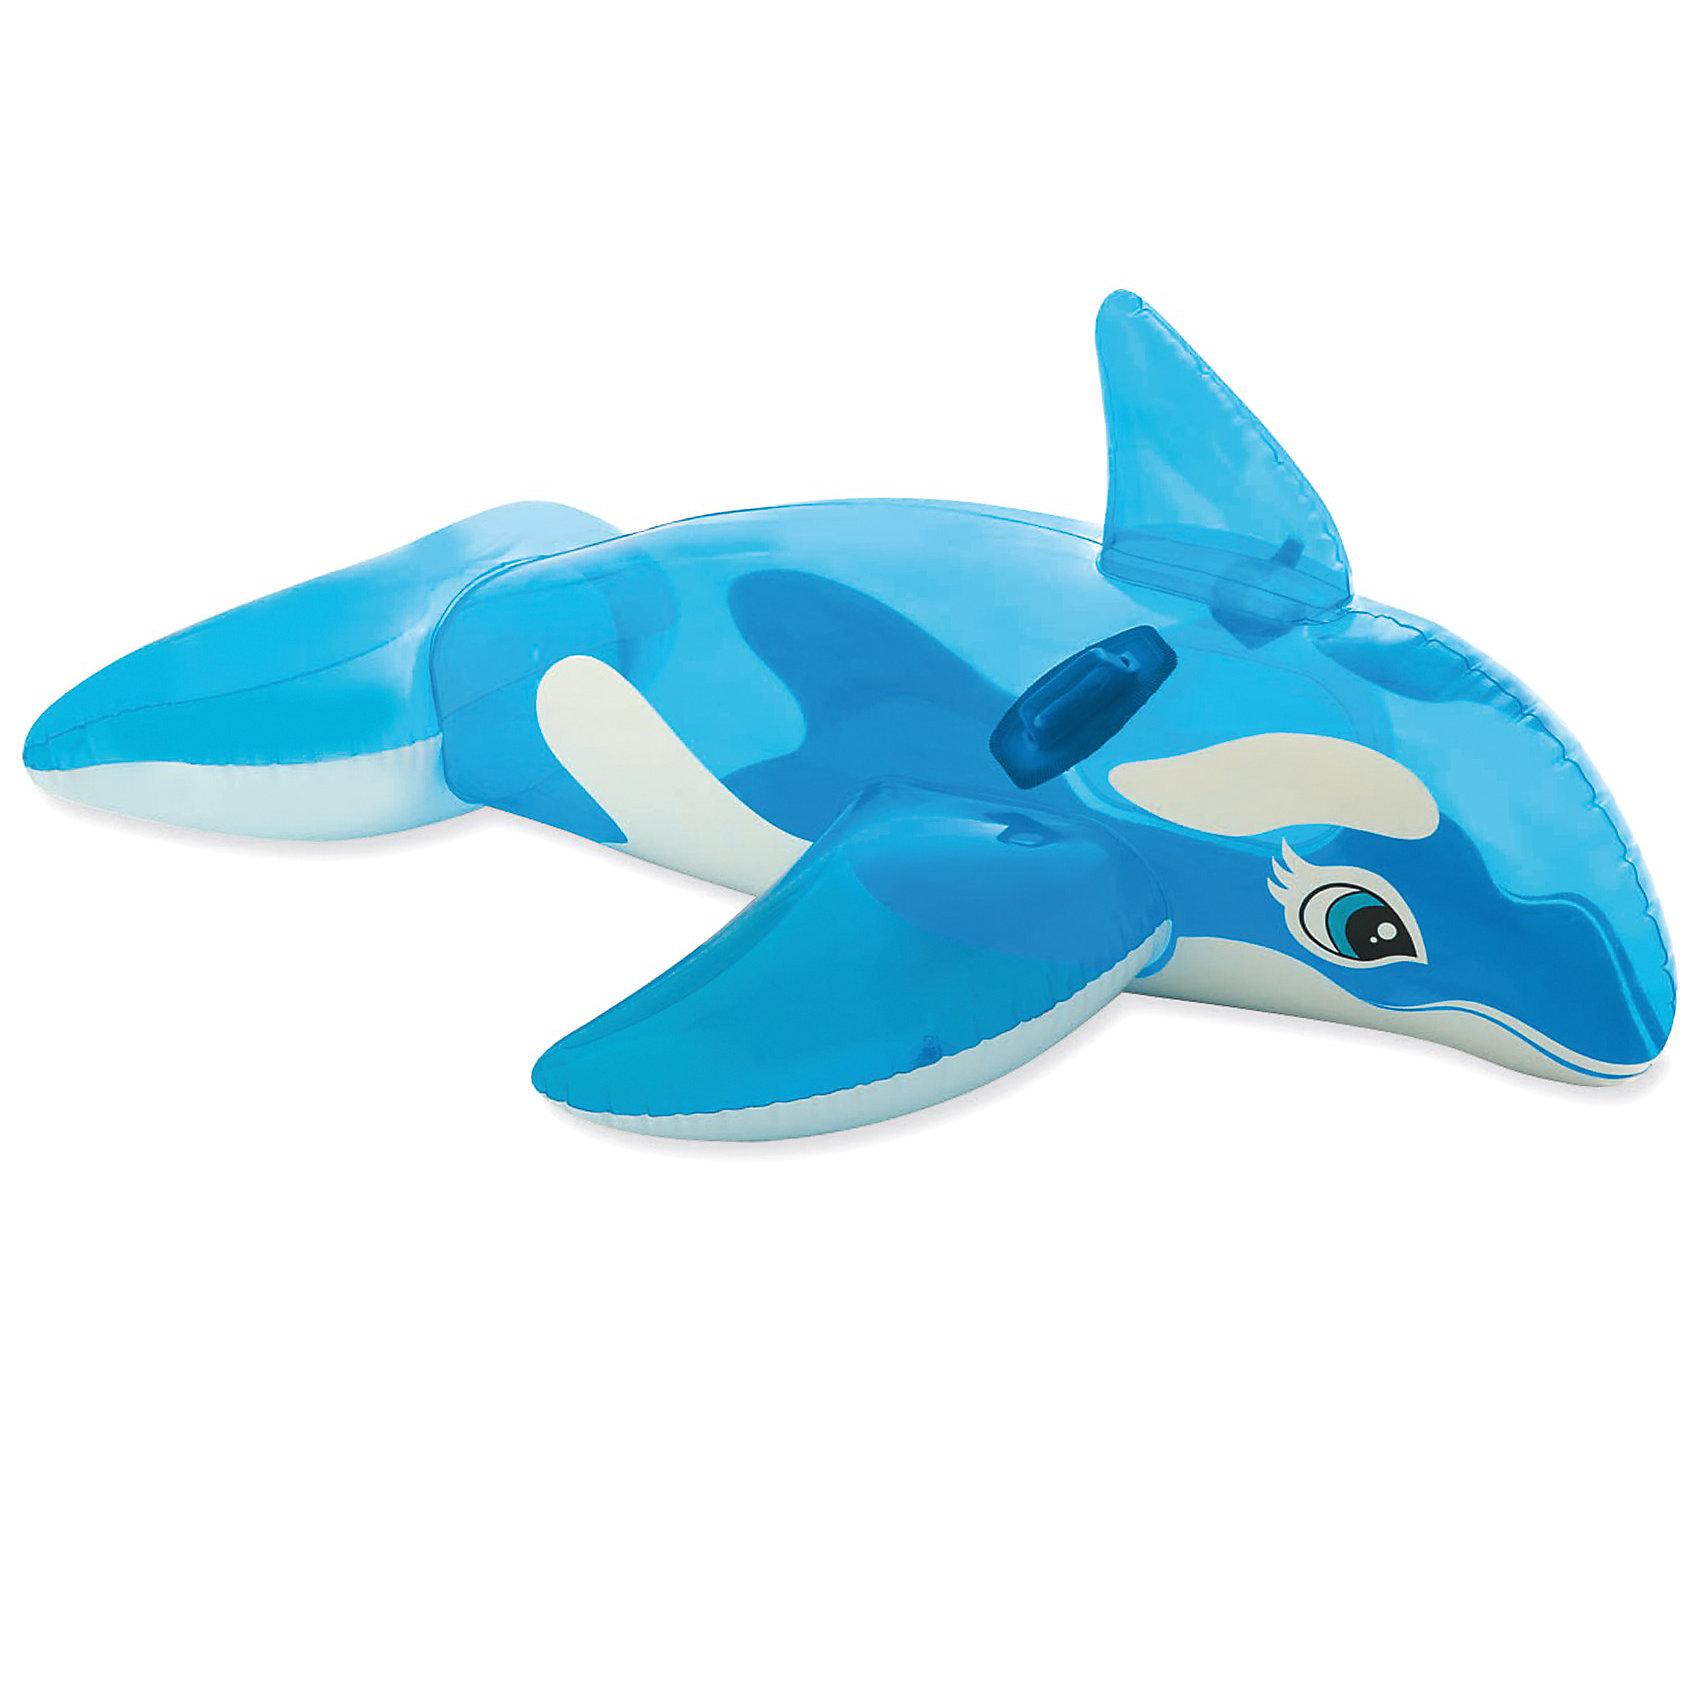 Детская надувная каталка с ручками Китенок, IntexДетская надувная каталка с ручками Китенок, Intex (Интекс) в виде доброго и забавного китенка поможет вашему ребенку научиться плавать и перестать бояться воды. Плот оборудован удобным сиденьем и крепкими ручками для безопасности и комфорта малыша. В сложенном виде игрушка не занимает много места, легкая и удобная при транспортировке и хранении.  Благодаря этой игрушке в виде надувного животного вы сможете обучить ребенка плаванию, сделав этот процесс веселым, увлекательным и, главное, безопасным. <br><br>Детская надувная каталка с ручками Китенок от Intex станет надежным другом для ребенка в водных забавах. <br><br>Дополнительная информация:<br><br>- Размер: 152 х 114 см<br>- Материал: винил<br>- Толщина винила 0,25 мм. <br>- Двойной клапан<br>- Страховочный шнур<br>- Две удобные ручки по бокам<br>- Вытянутая форма для комфортного расположения<br><br>Детская надувная каталка с ручками Китенок, Intex (Интекс) можно купить в нашем интернет-магазине.<br><br>Ширина мм: 234<br>Глубина мм: 208<br>Высота мм: 91<br>Вес г: 961<br>Возраст от месяцев: 36<br>Возраст до месяцев: 1164<br>Пол: Унисекс<br>Возраст: Детский<br>SKU: 1925242